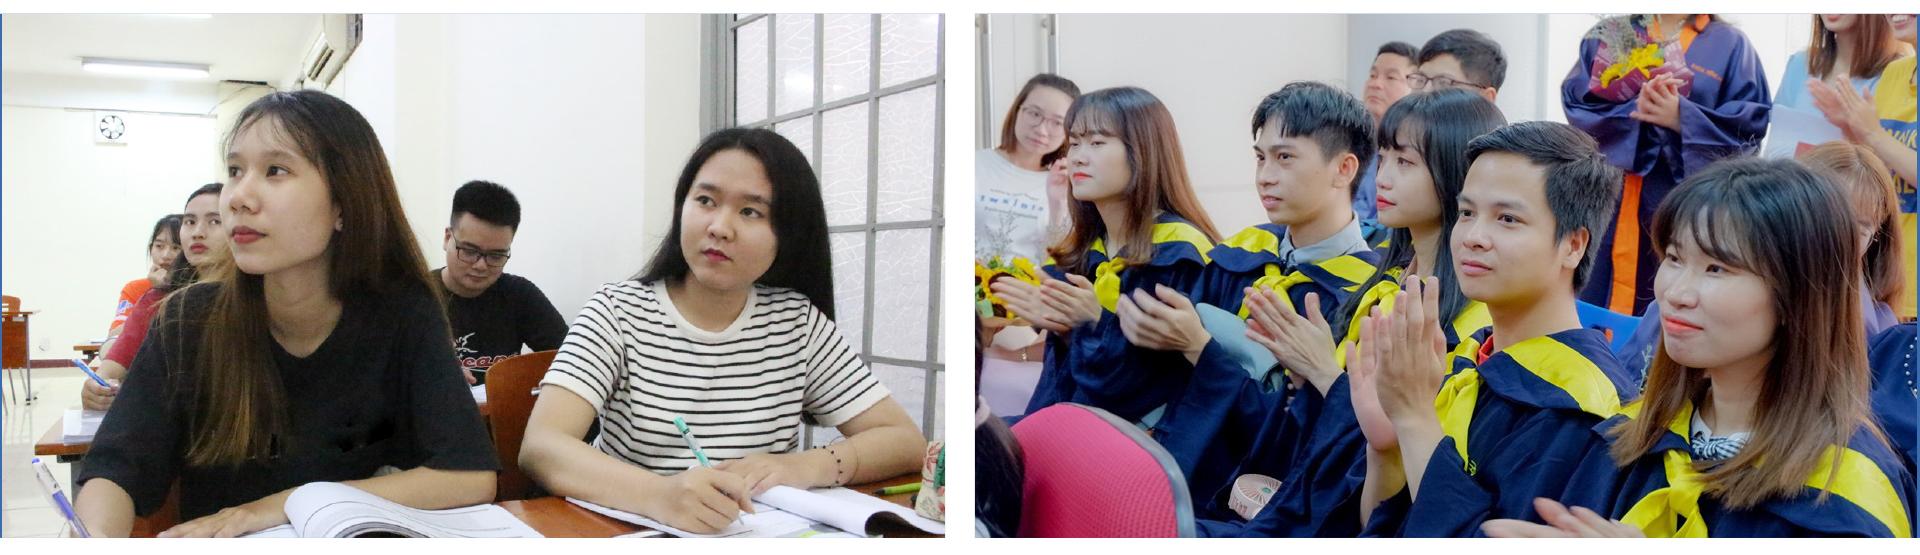 Khắc phục tình trạng 'nhạt Đảng' trong sinh viên - Bài 3: Tăng tỷ lệ kết nạp Đảng trong sinh viên: Cách nào? ảnh 2